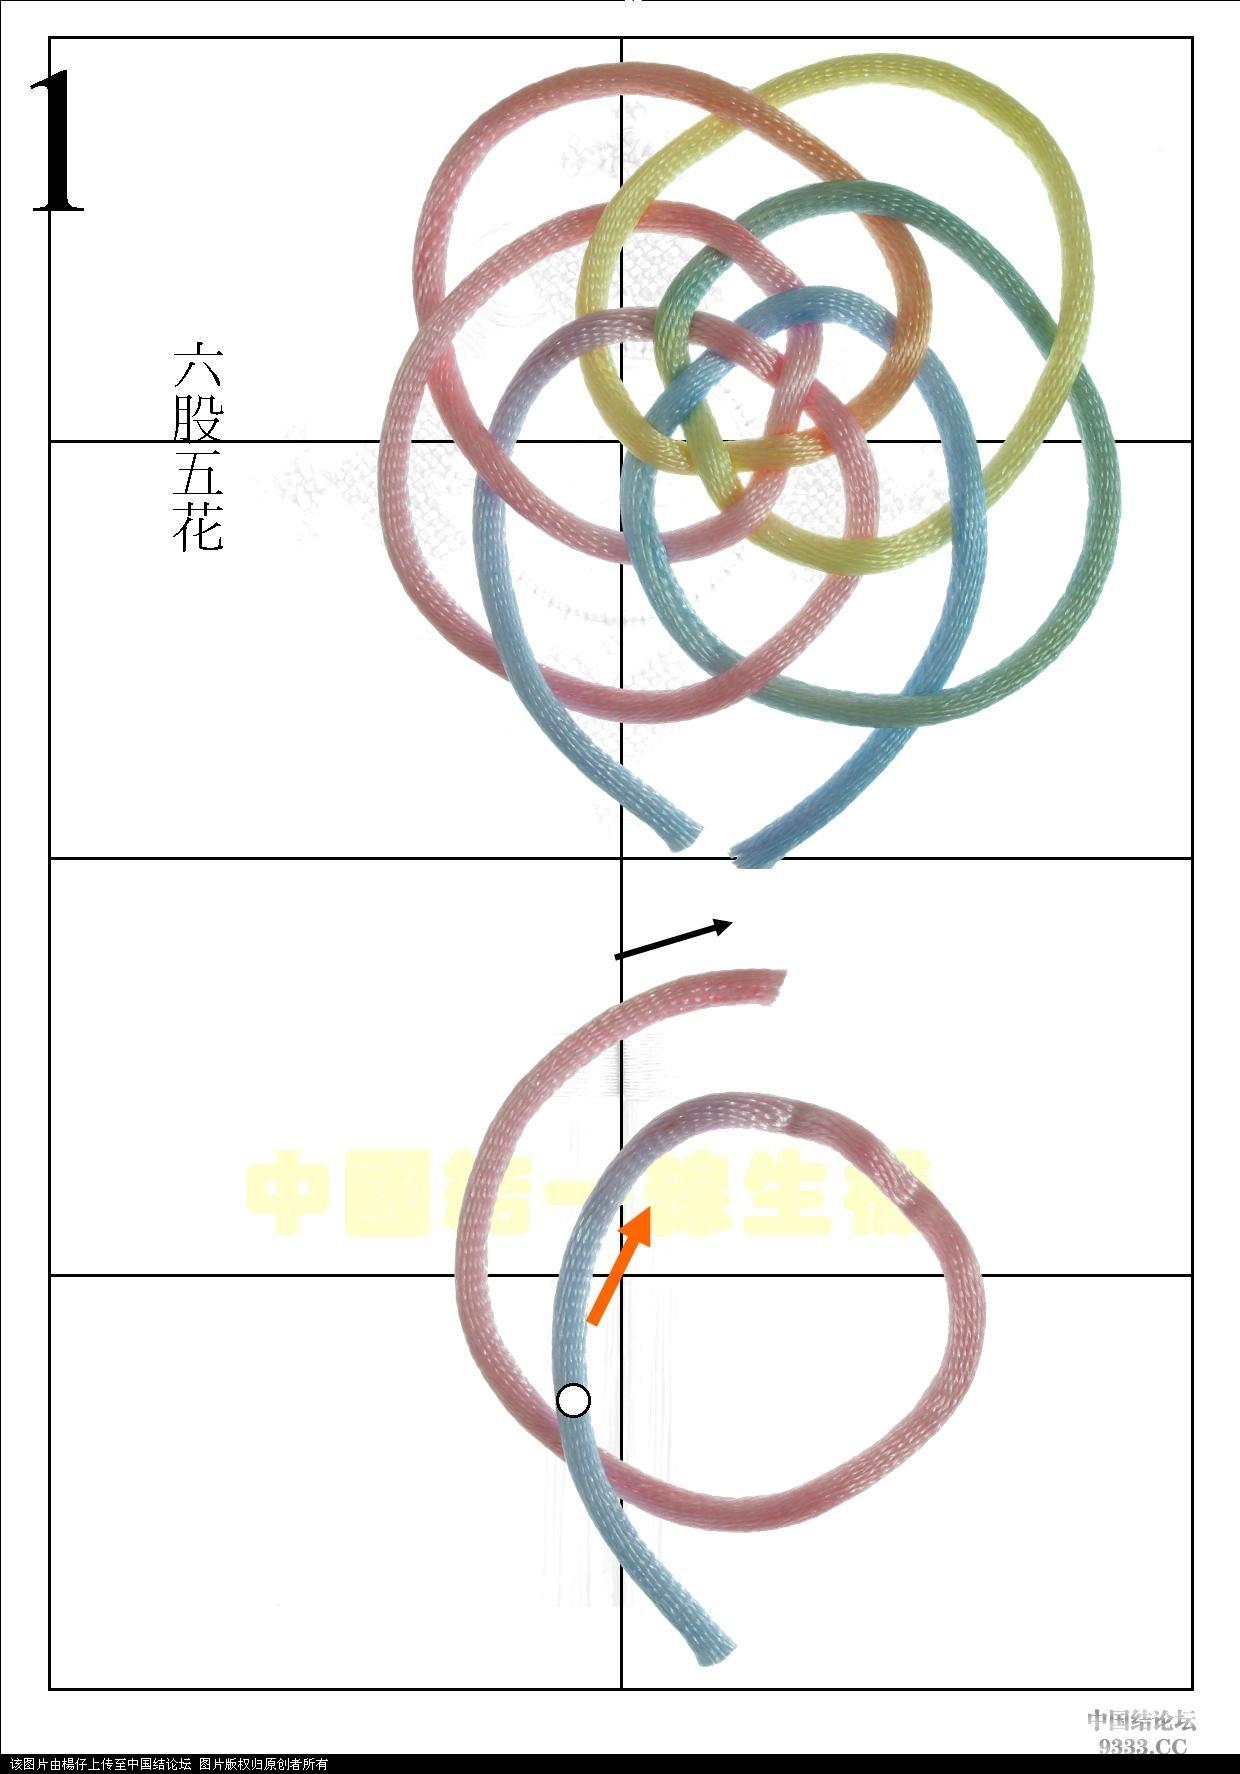 中国结论坛 六股五花  一线生机-杨朝宗专栏 1005261148a1a536505f87f43a